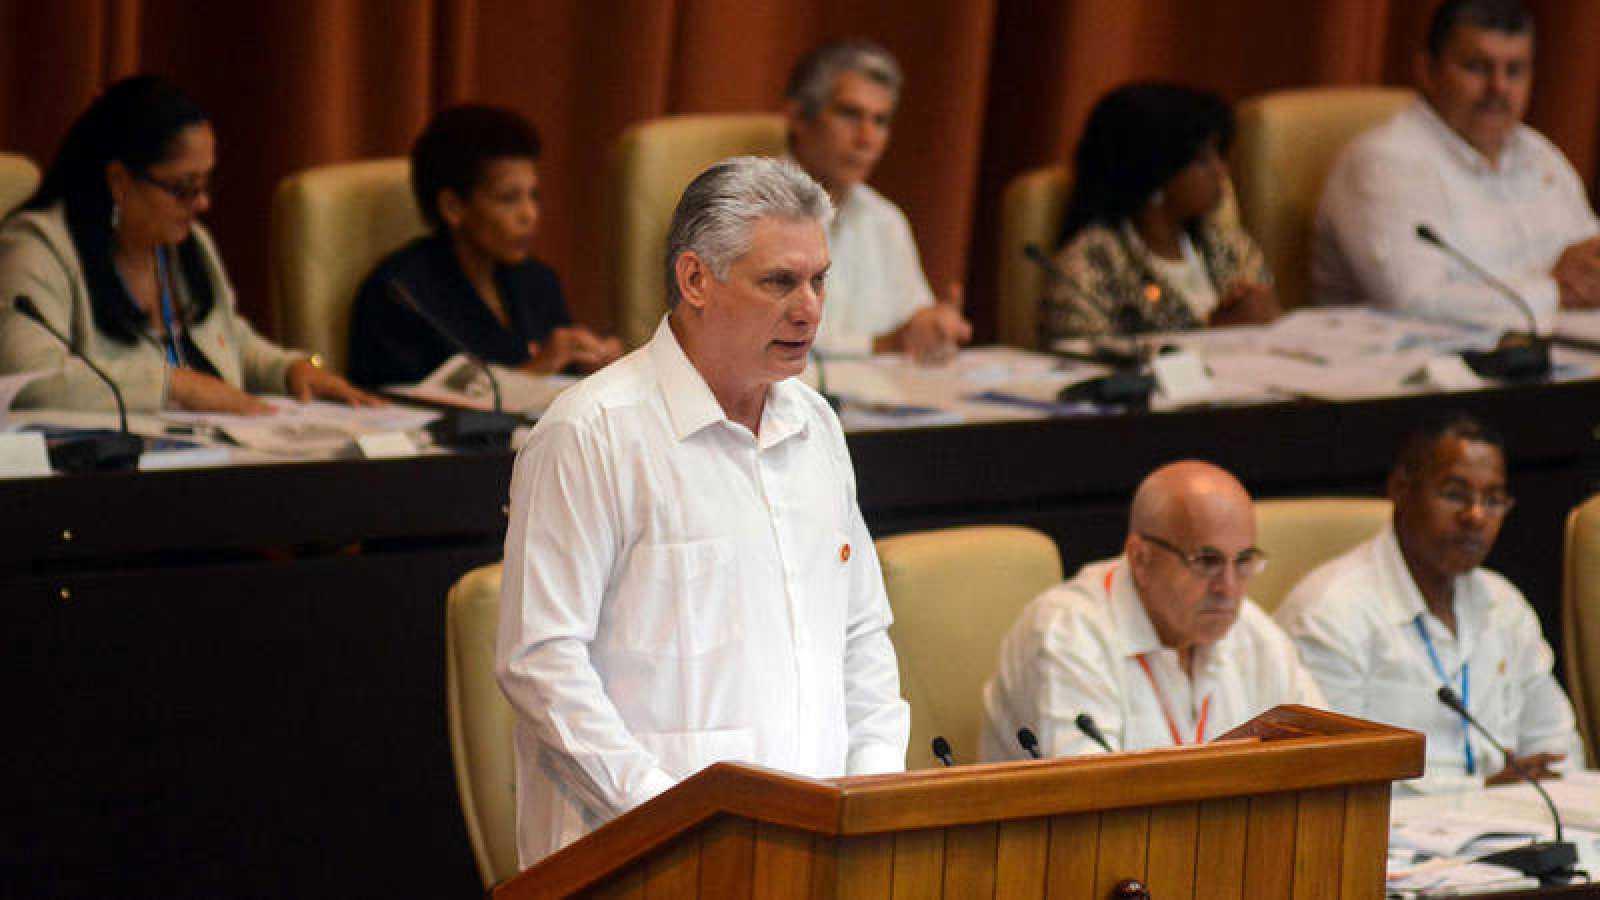 Cuba abre su Constitución a la propiedad privada y matrimonio gay